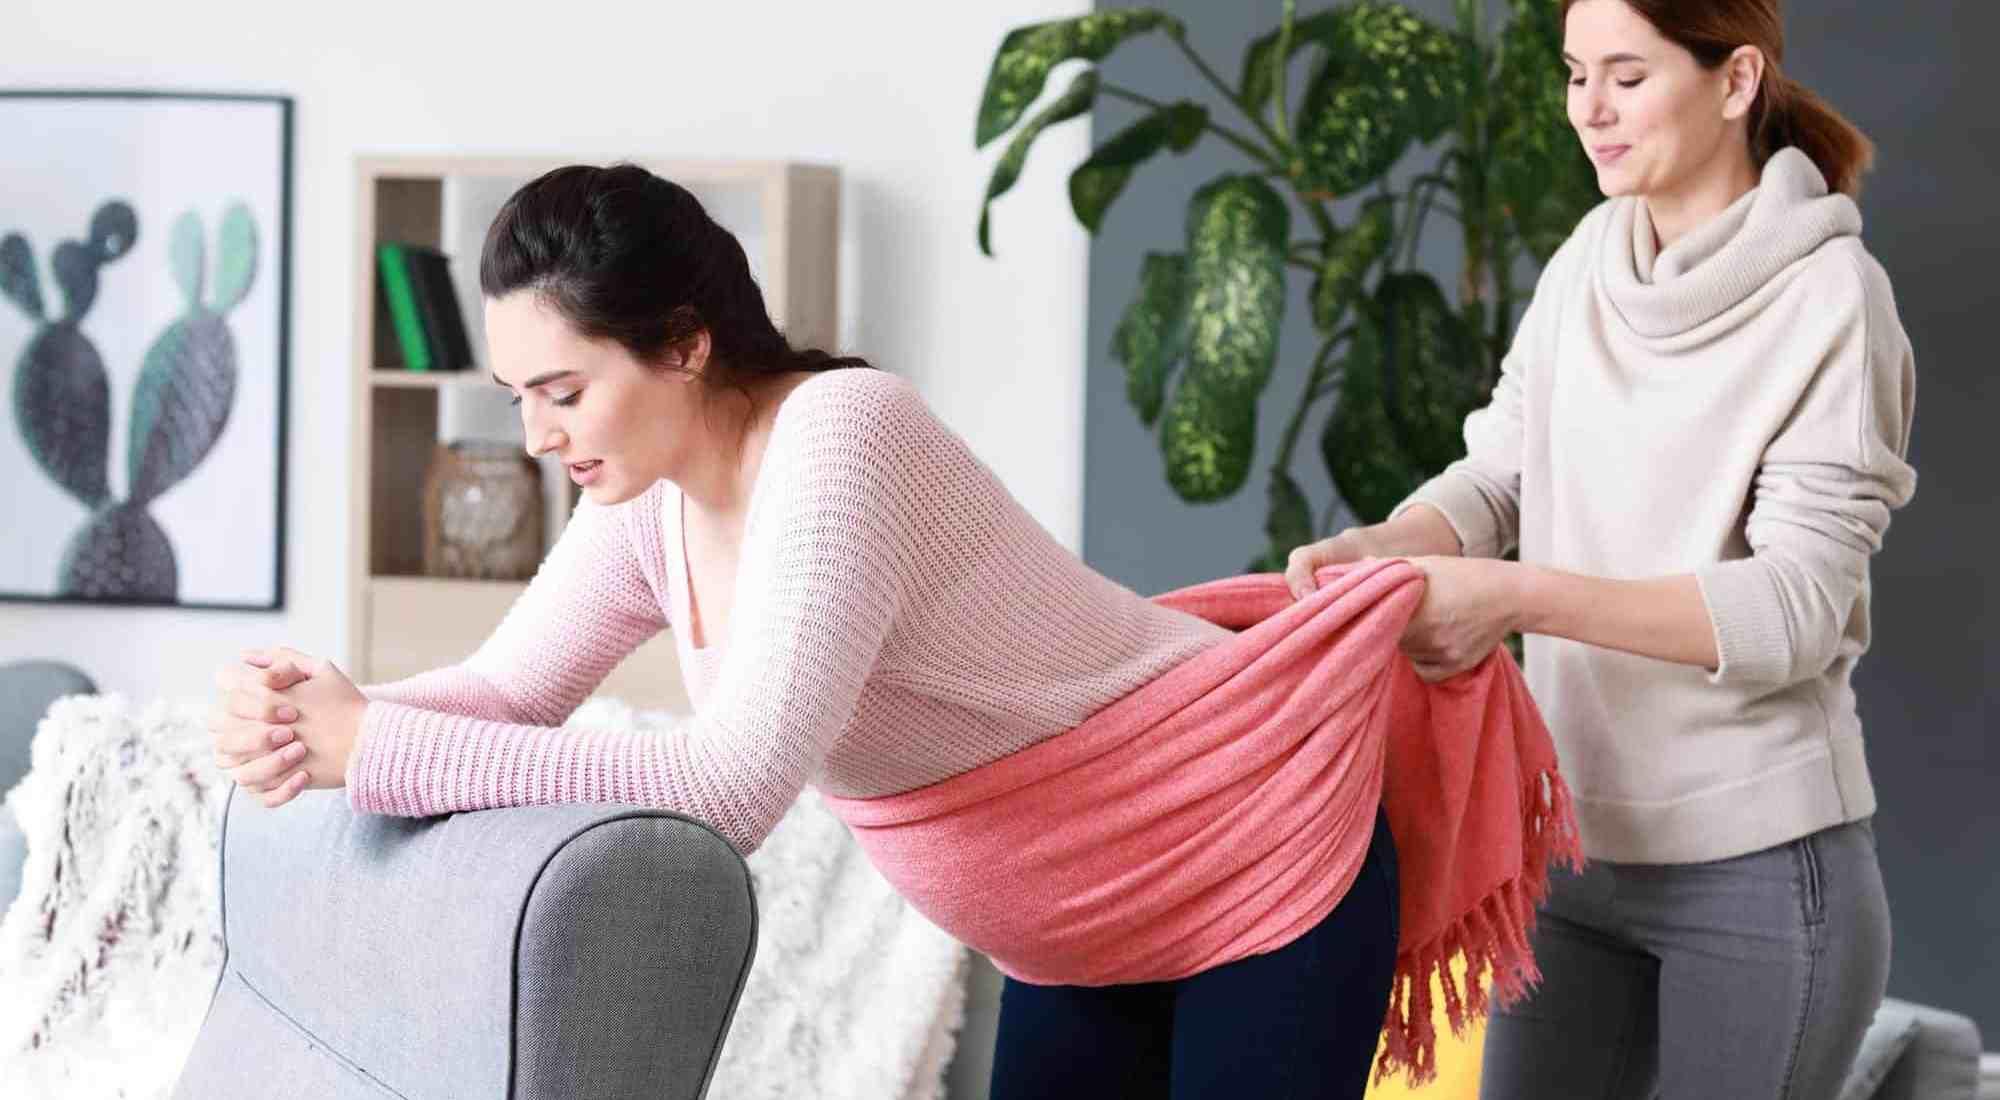 rebozo-massage